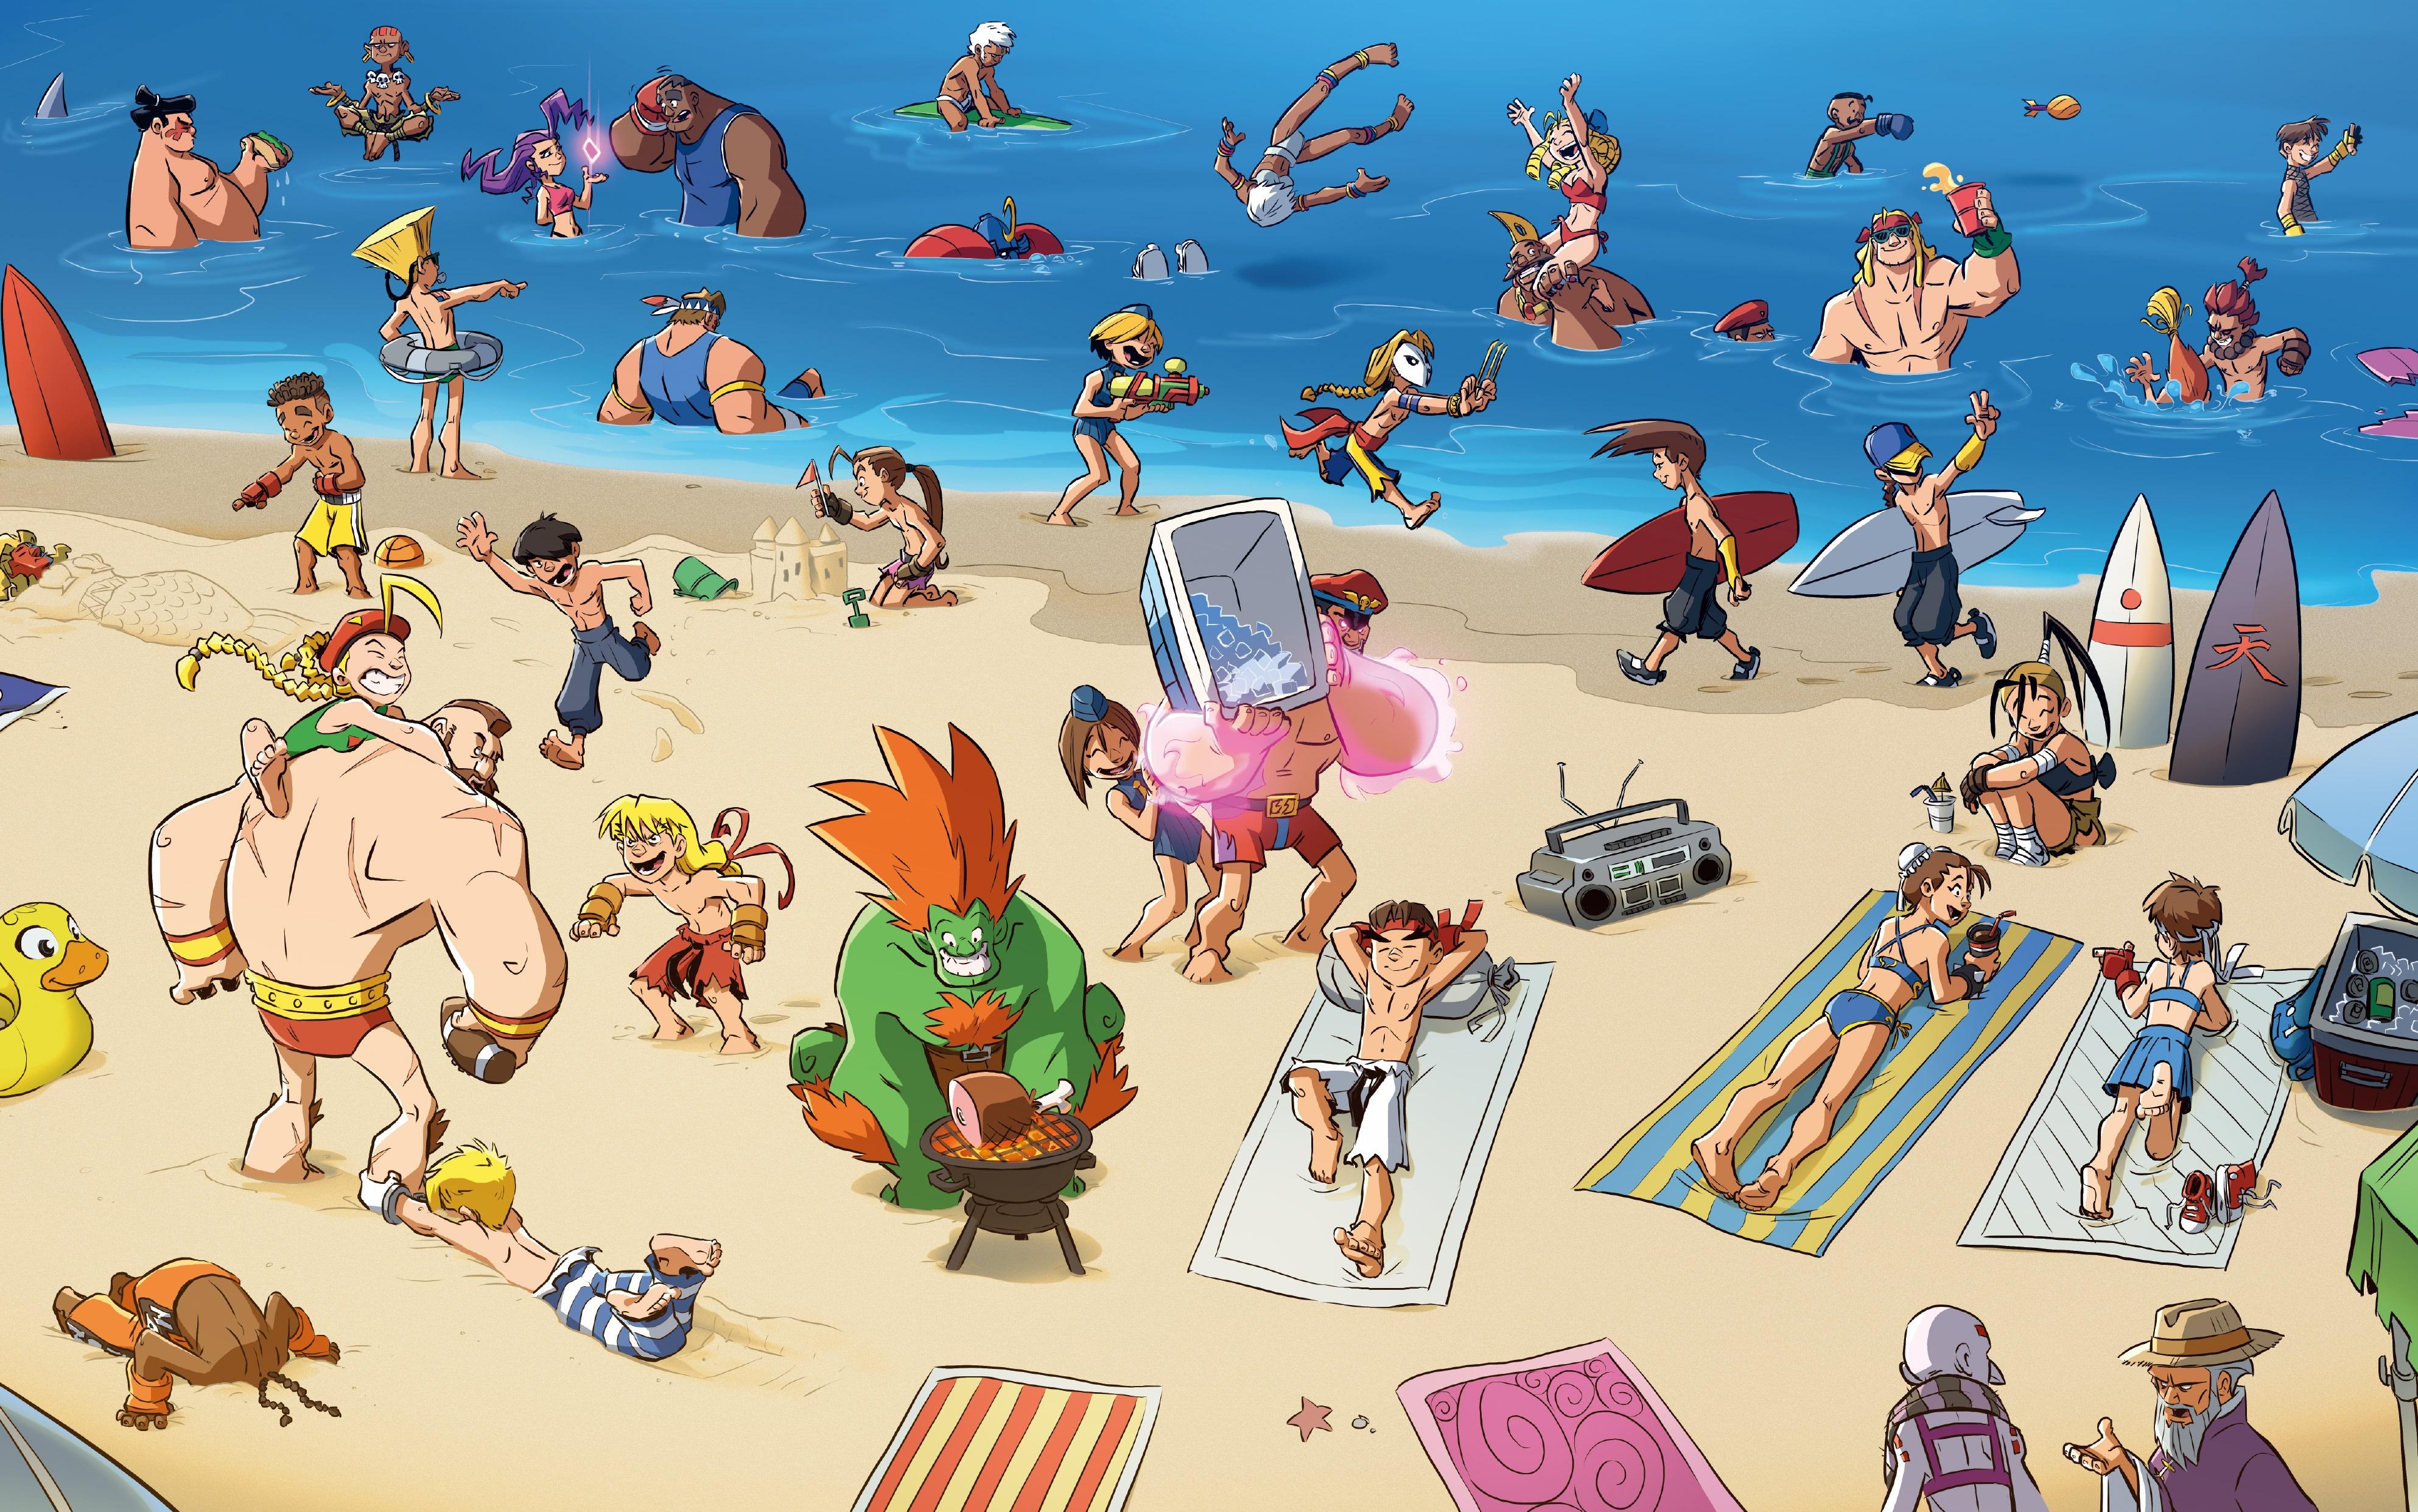 Wallpaper Video Games Video Game Art Street Fighter Beach